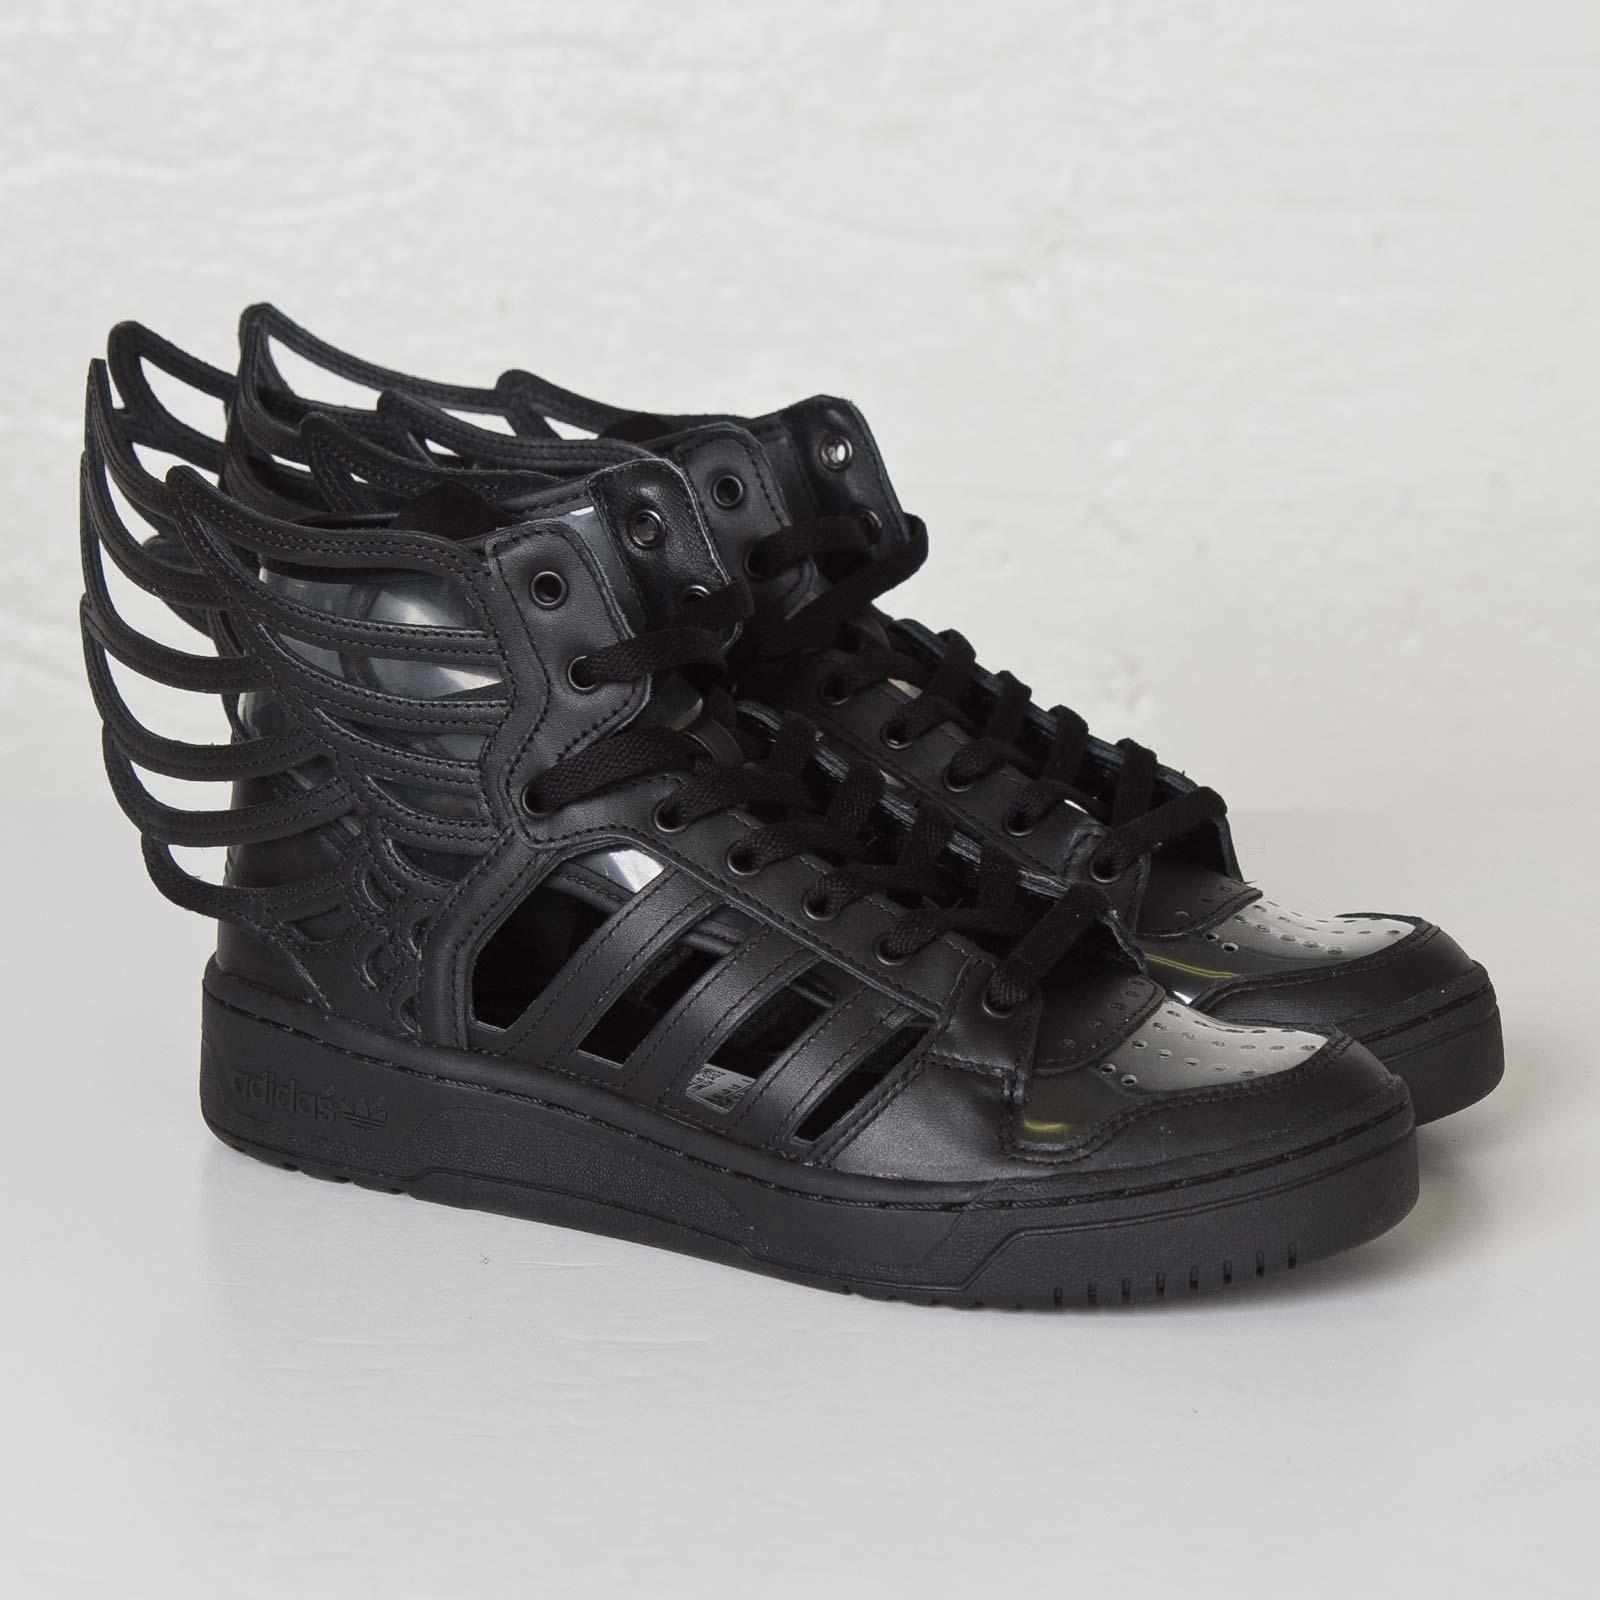 adidas JS Wings 2.0 Cutout - B26273 - Sneakersnstuff  64671b0fa013